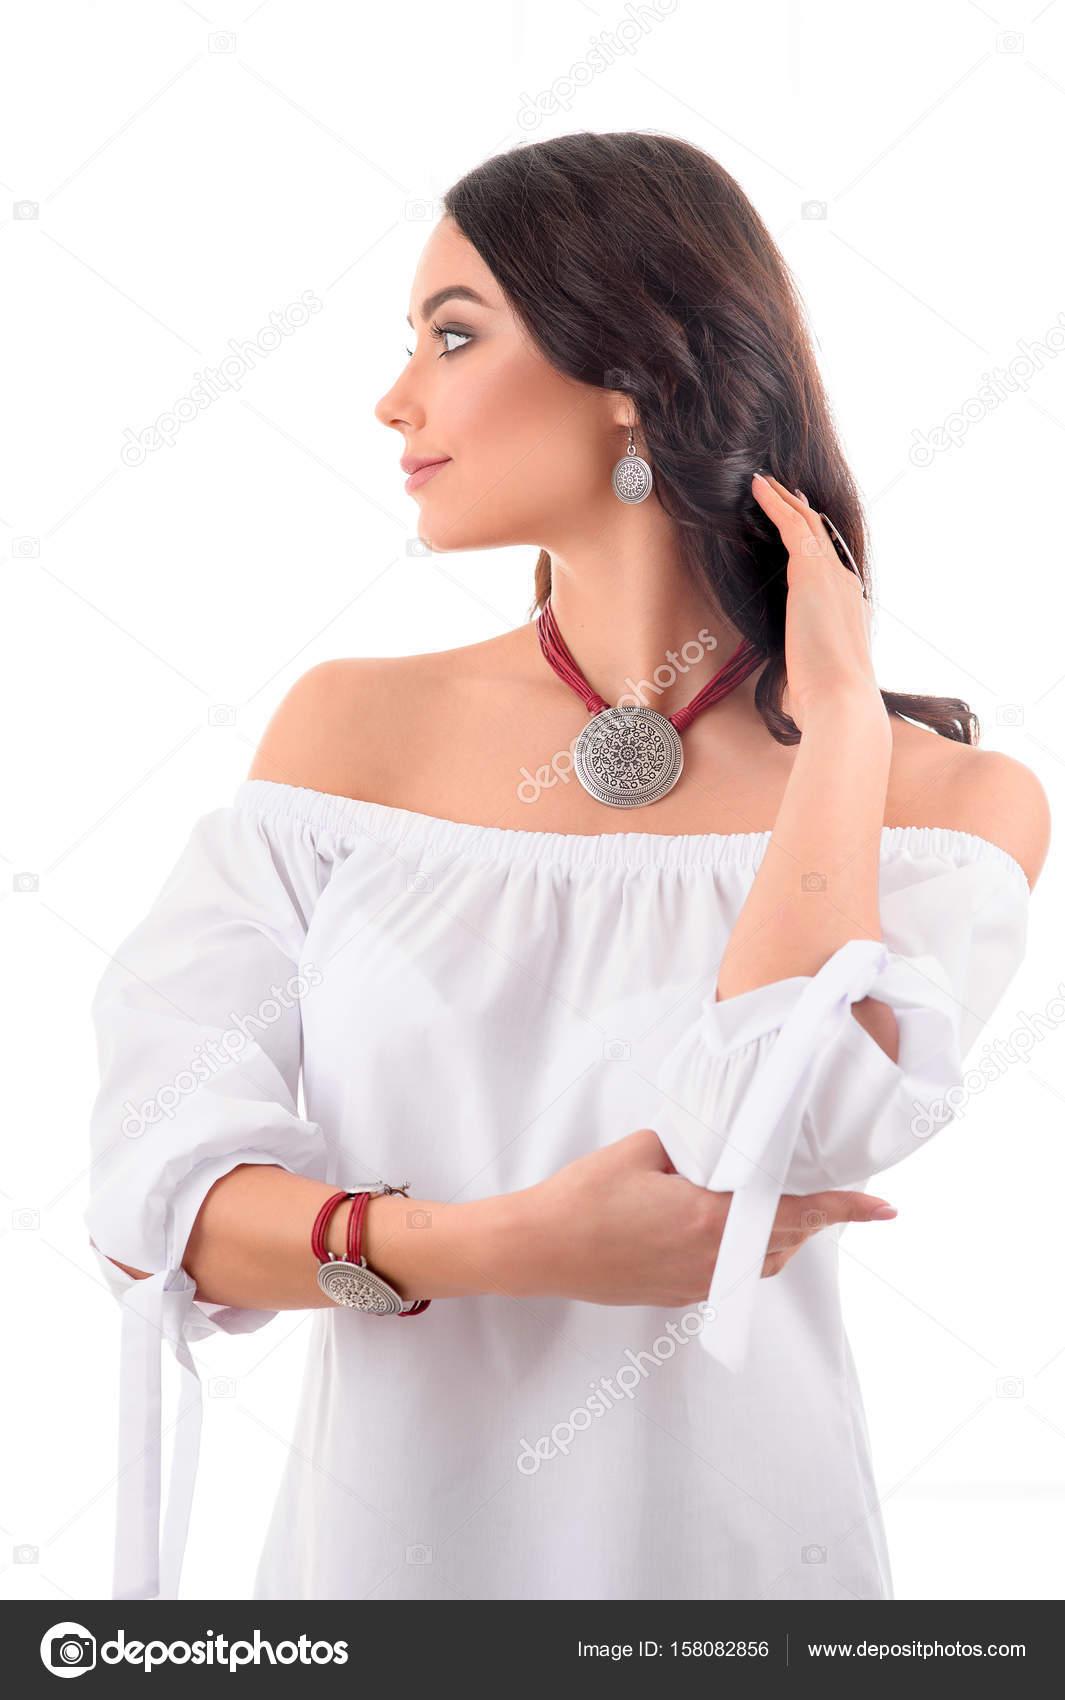 Mode Stil Lange Haare Frau Mit Luxus Silber Accessoire Und J